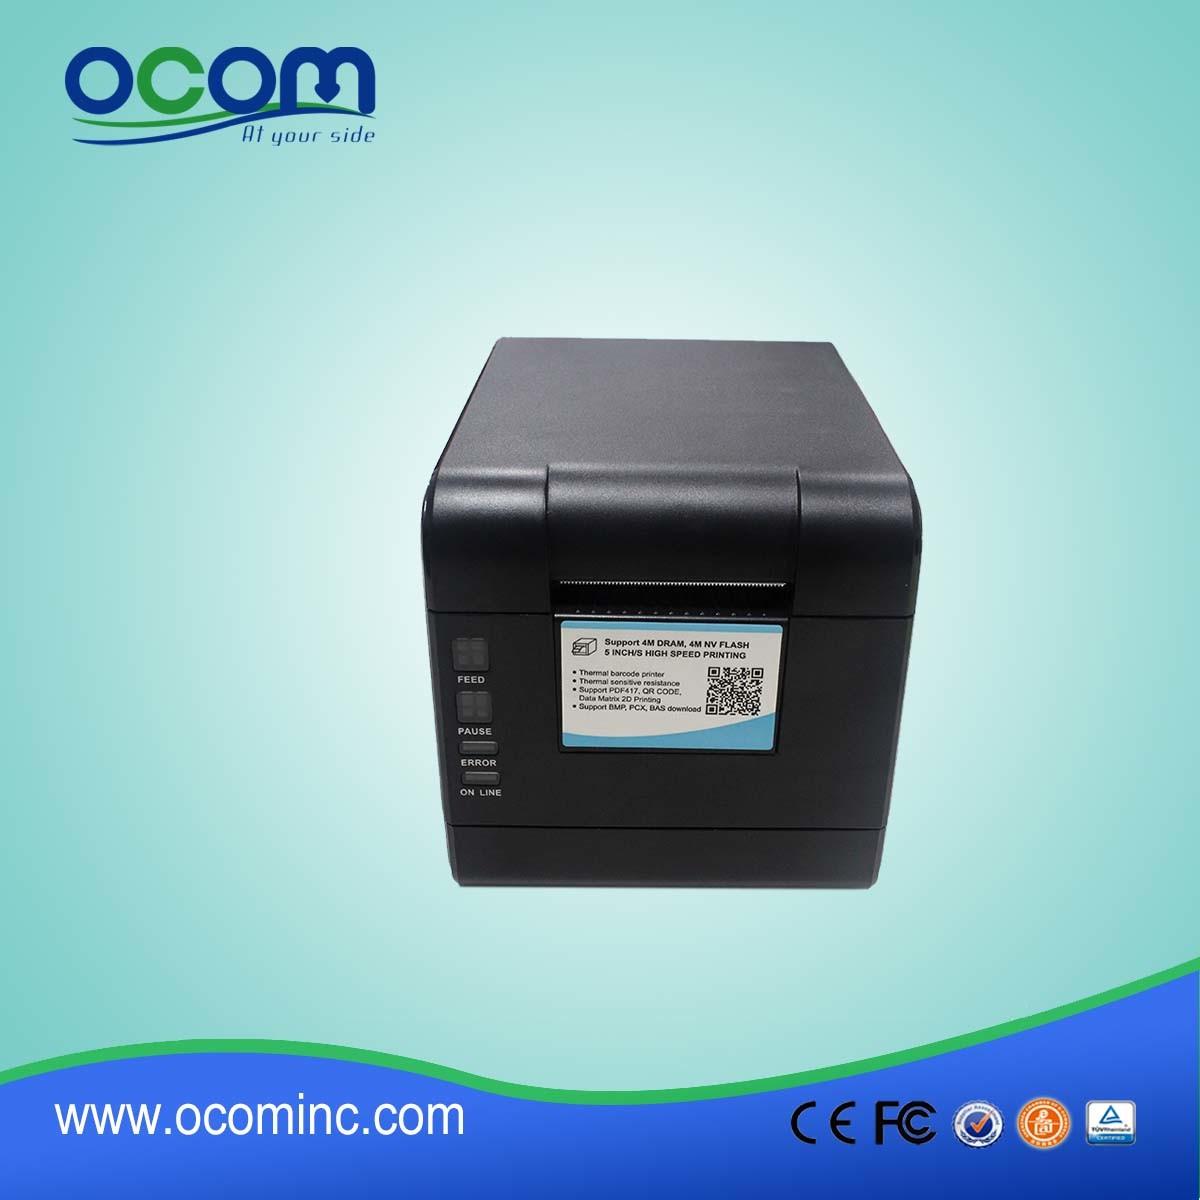 Ocbp-006 Industrial Label Bar Code Printing Printer